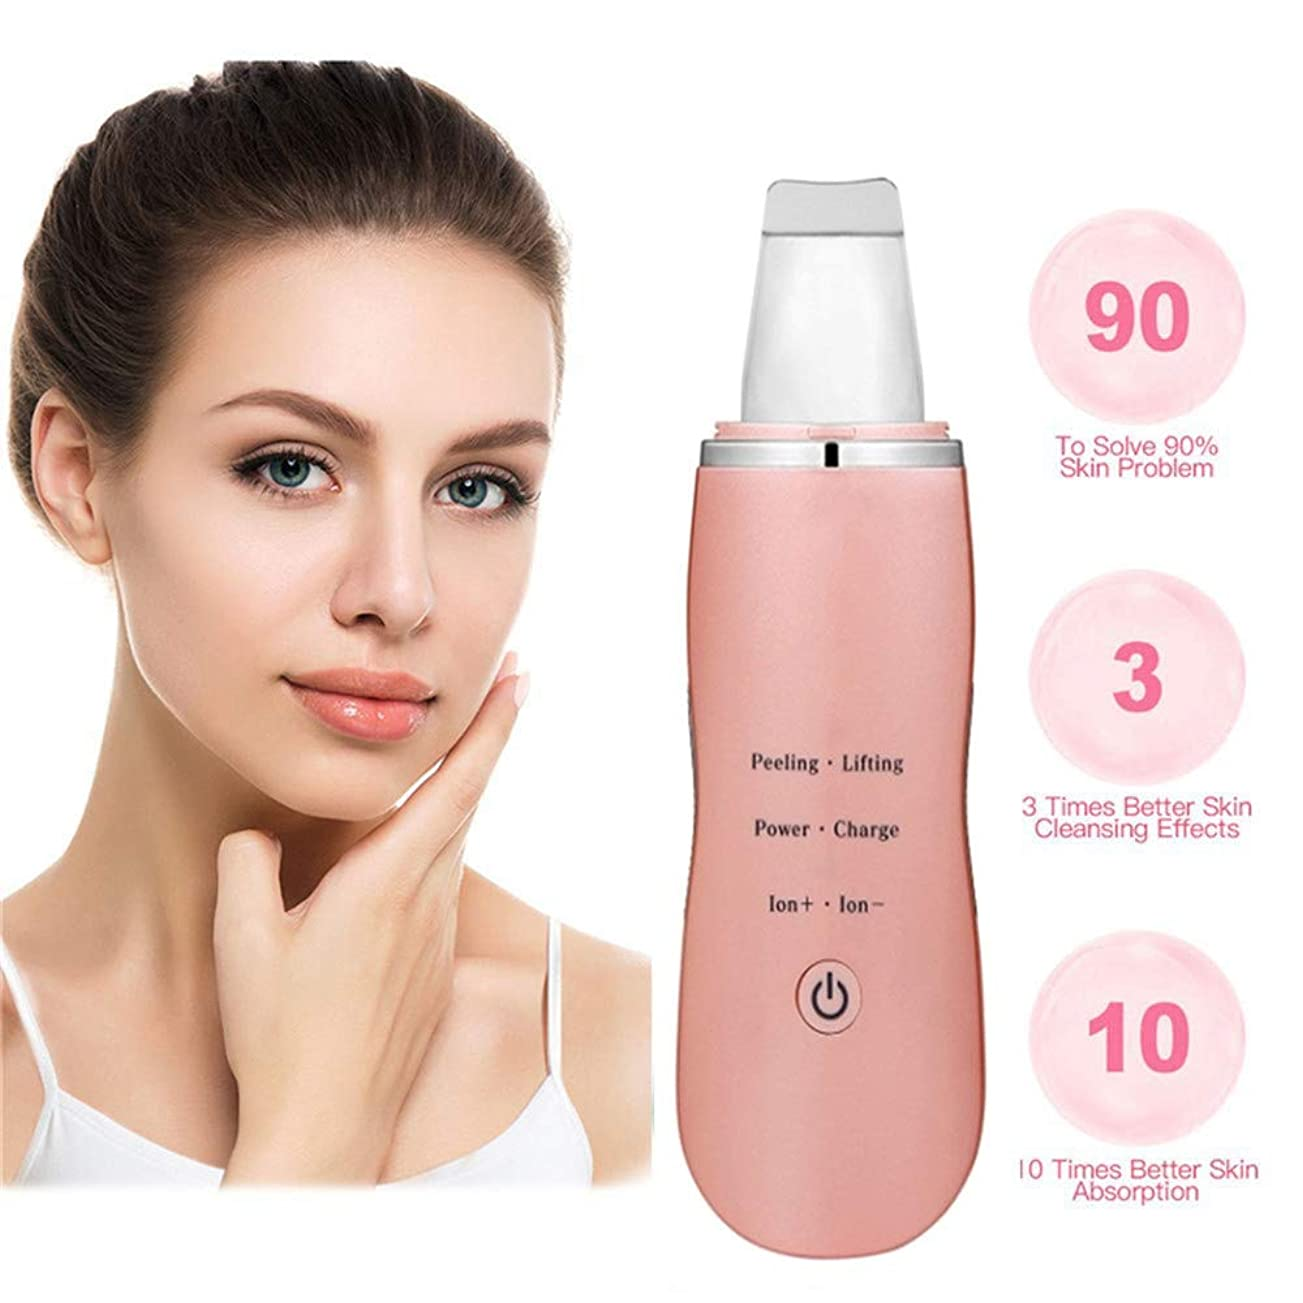 抑制する熱意干ばつ肌研削顔の皮膚超音波クレンジングシャベル、にきびにきび深いクレンジング毛穴汚れUSB充電式防水毛穴クリーナーフェイシャルリフティングツール (Color : ピンク)